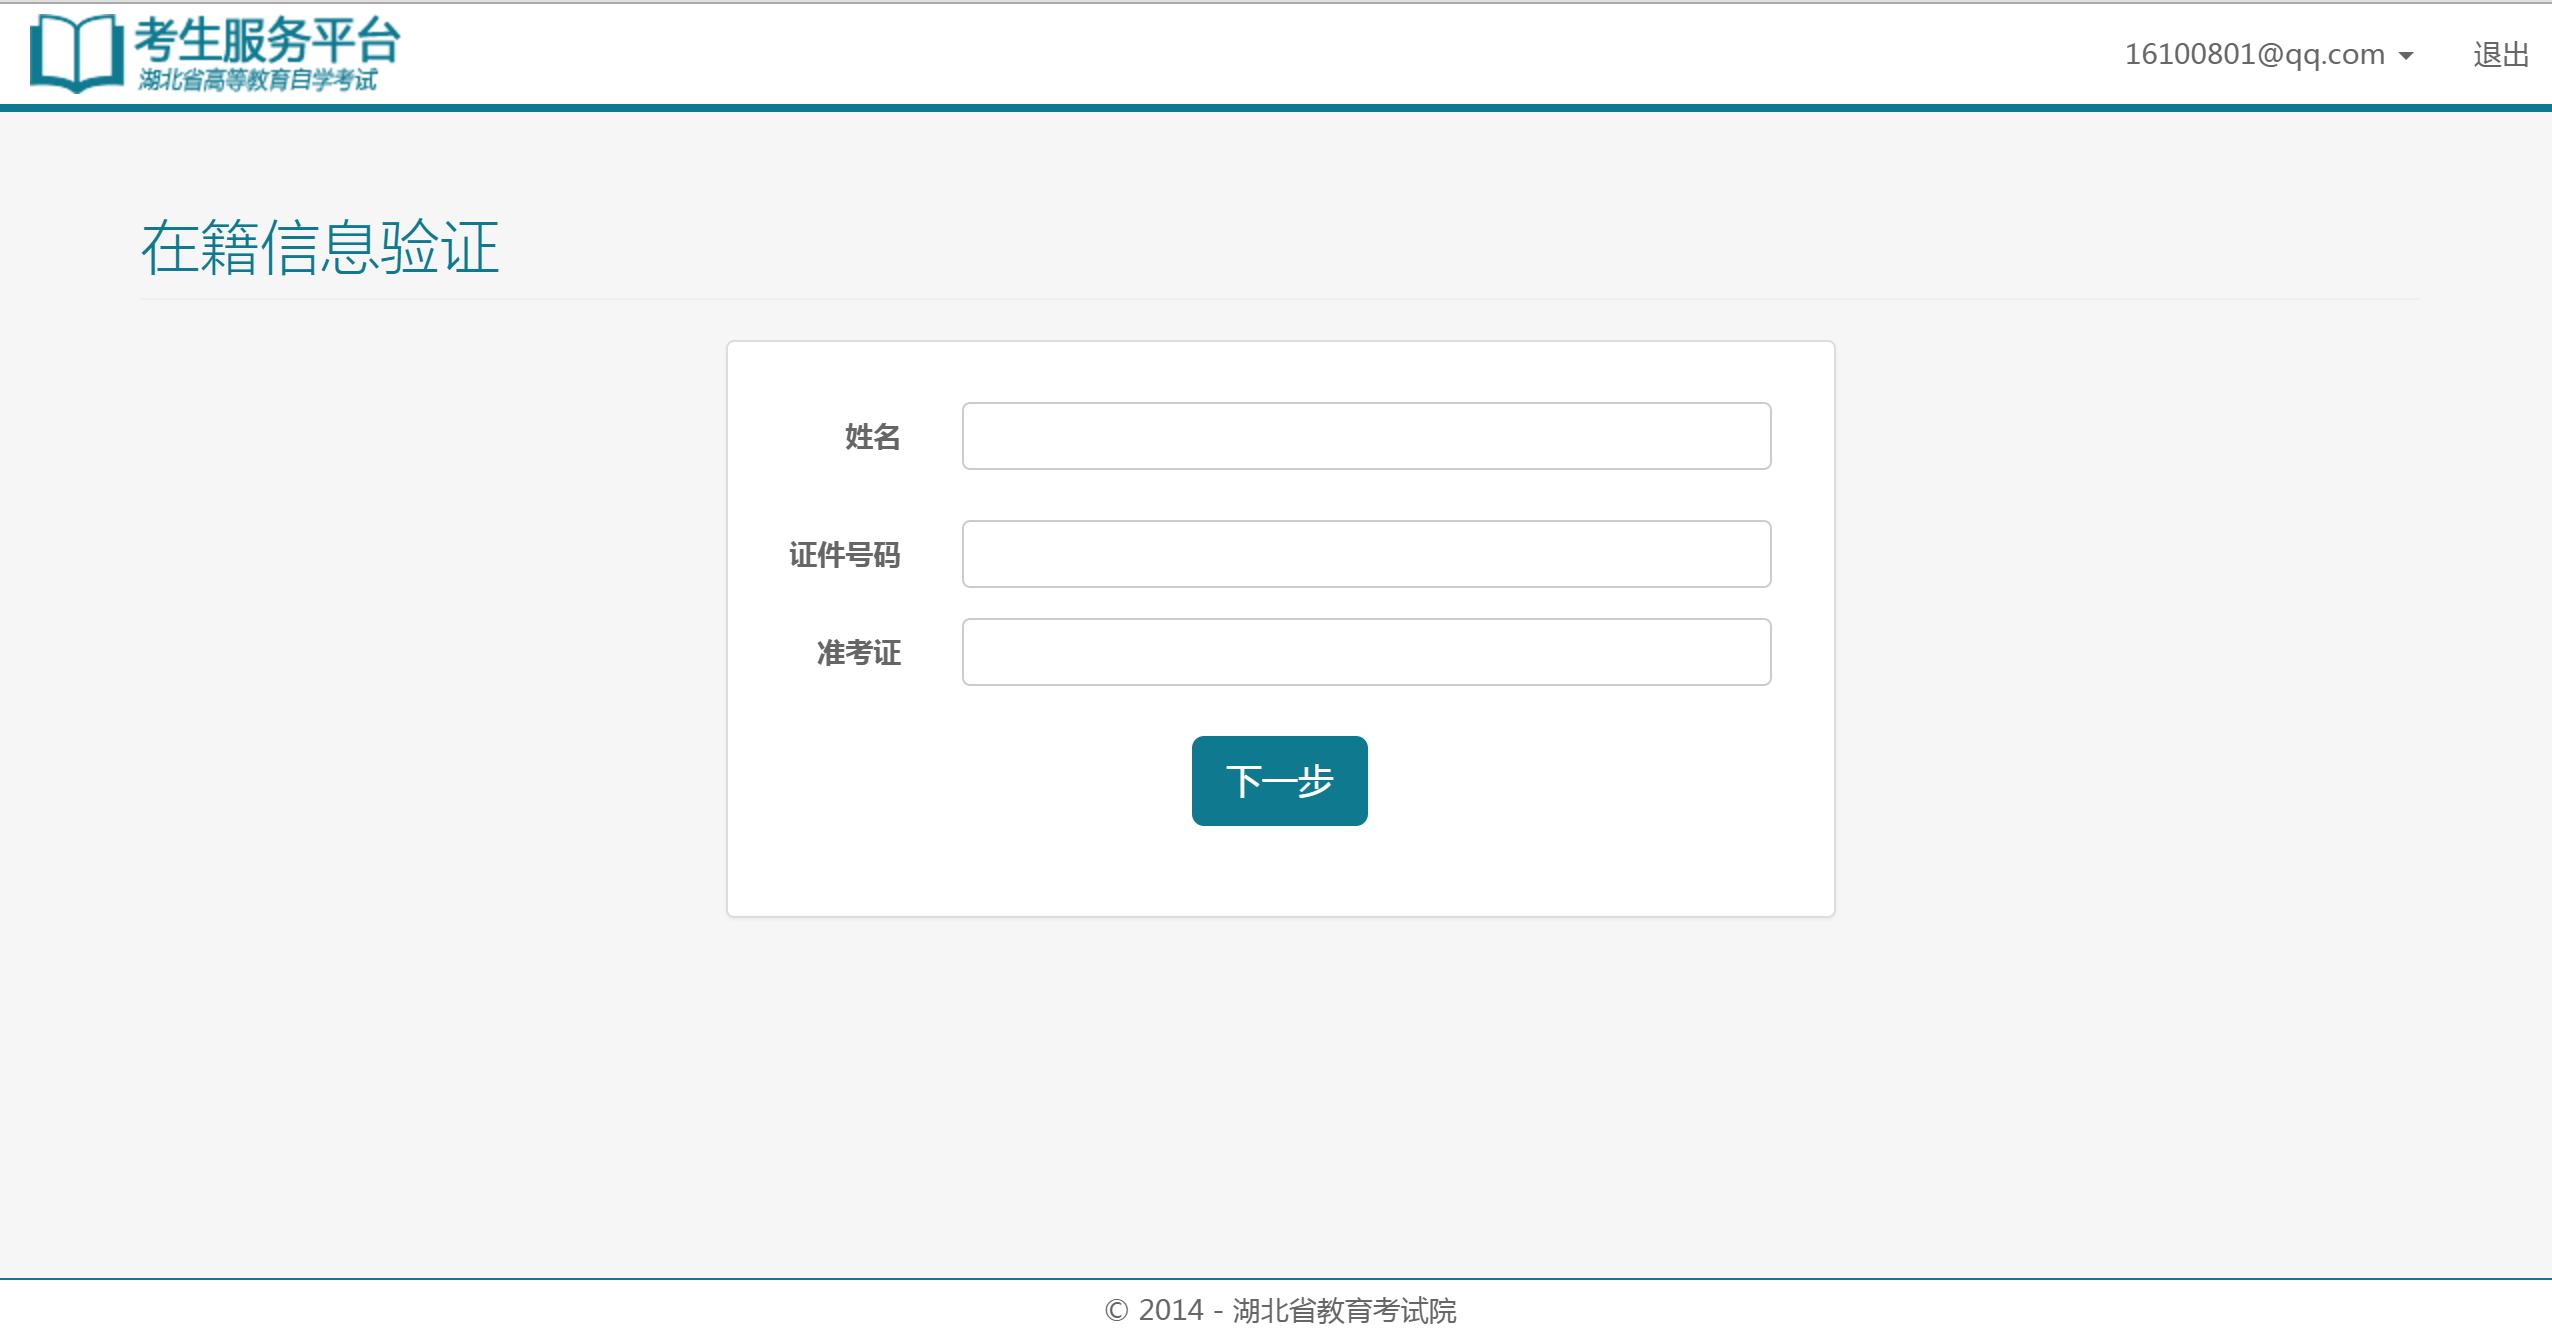 自考考试服务平台注册